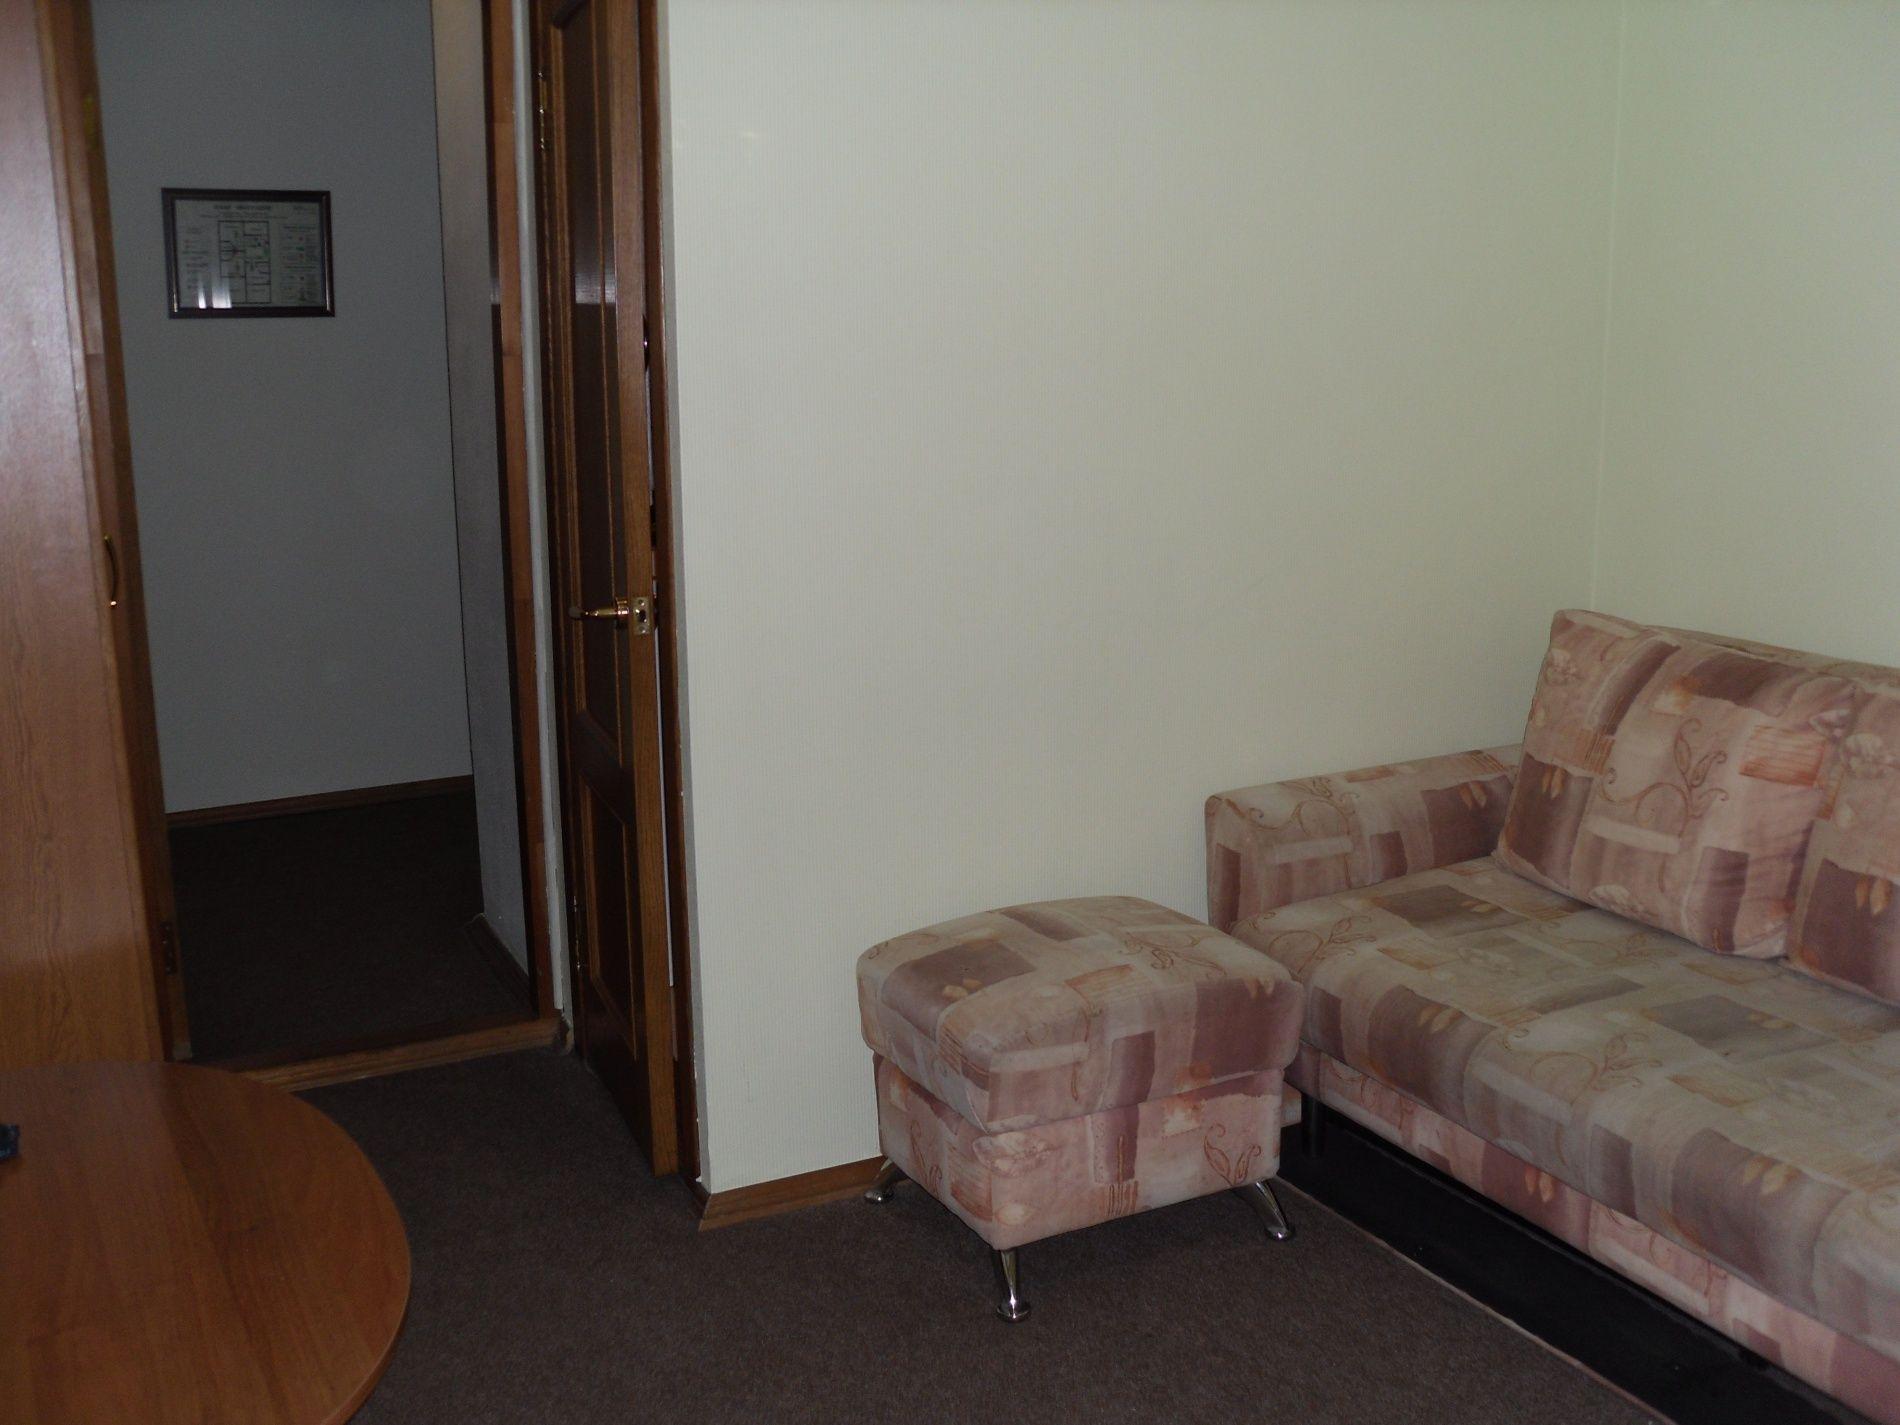 Туристический комплекс «Мирная Пристань» Ивановская область 2-комнатный номер 1 категории (№ 8, 9), фото 7